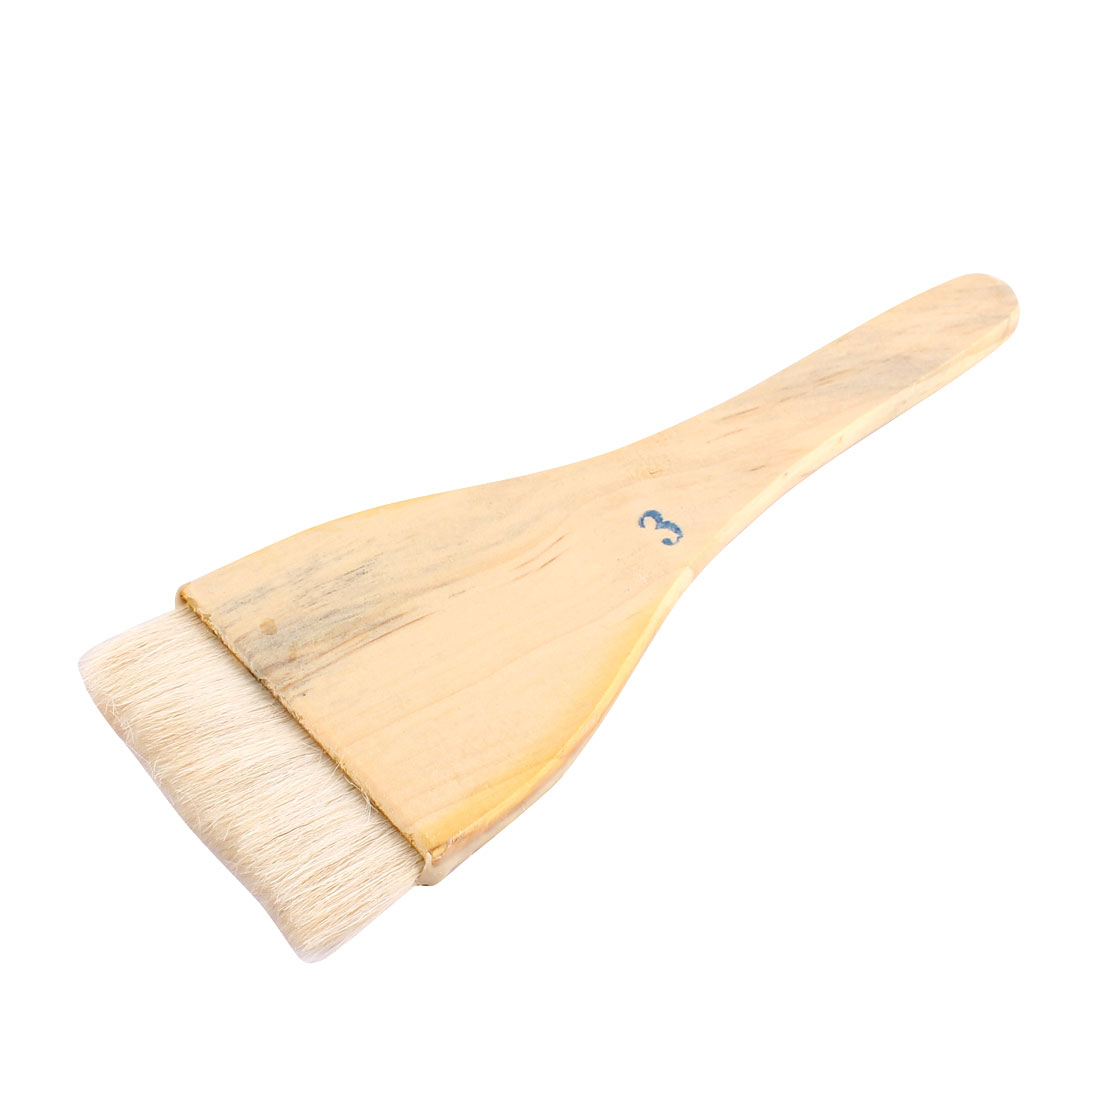 Soft Bristle Wooden Handle Oil Paint Painter Brush 21cm x 7.5cm